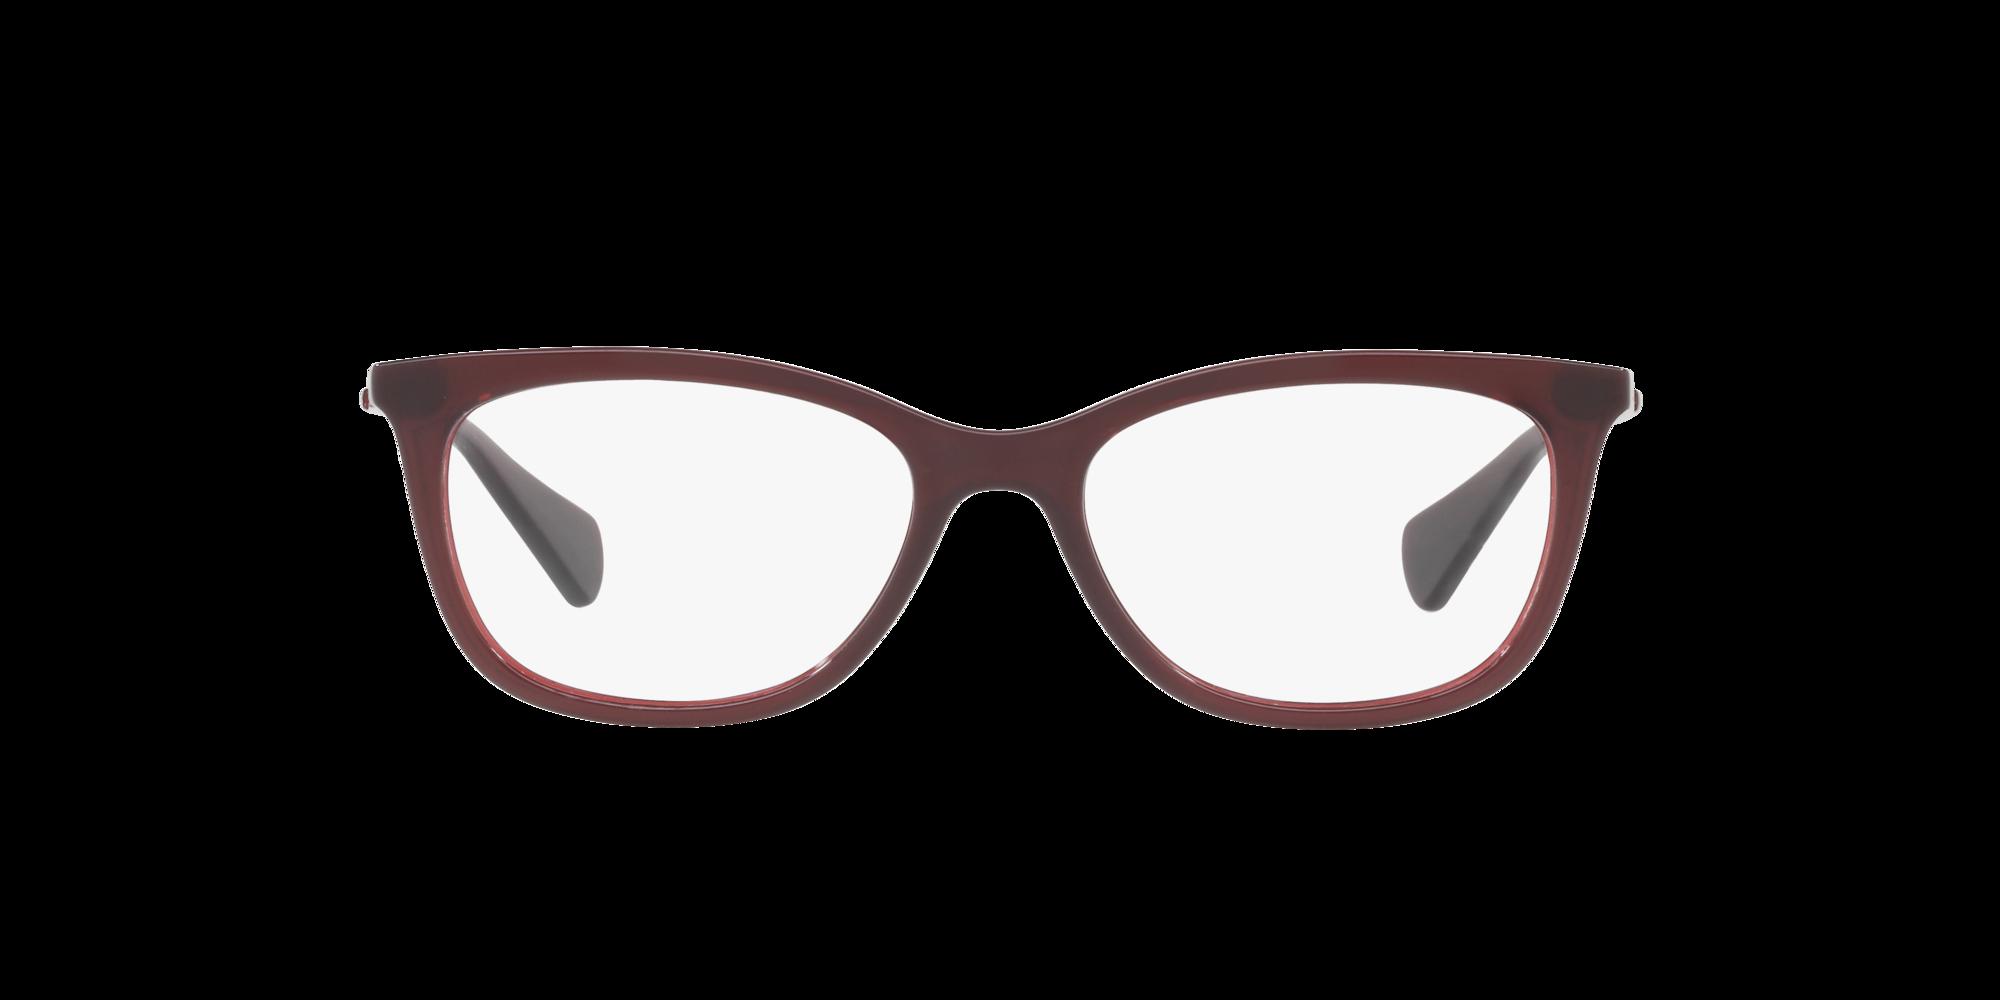 Imagen para RA7085 de LensCrafters |  Espejuelos, espejuelos graduados en línea, gafas